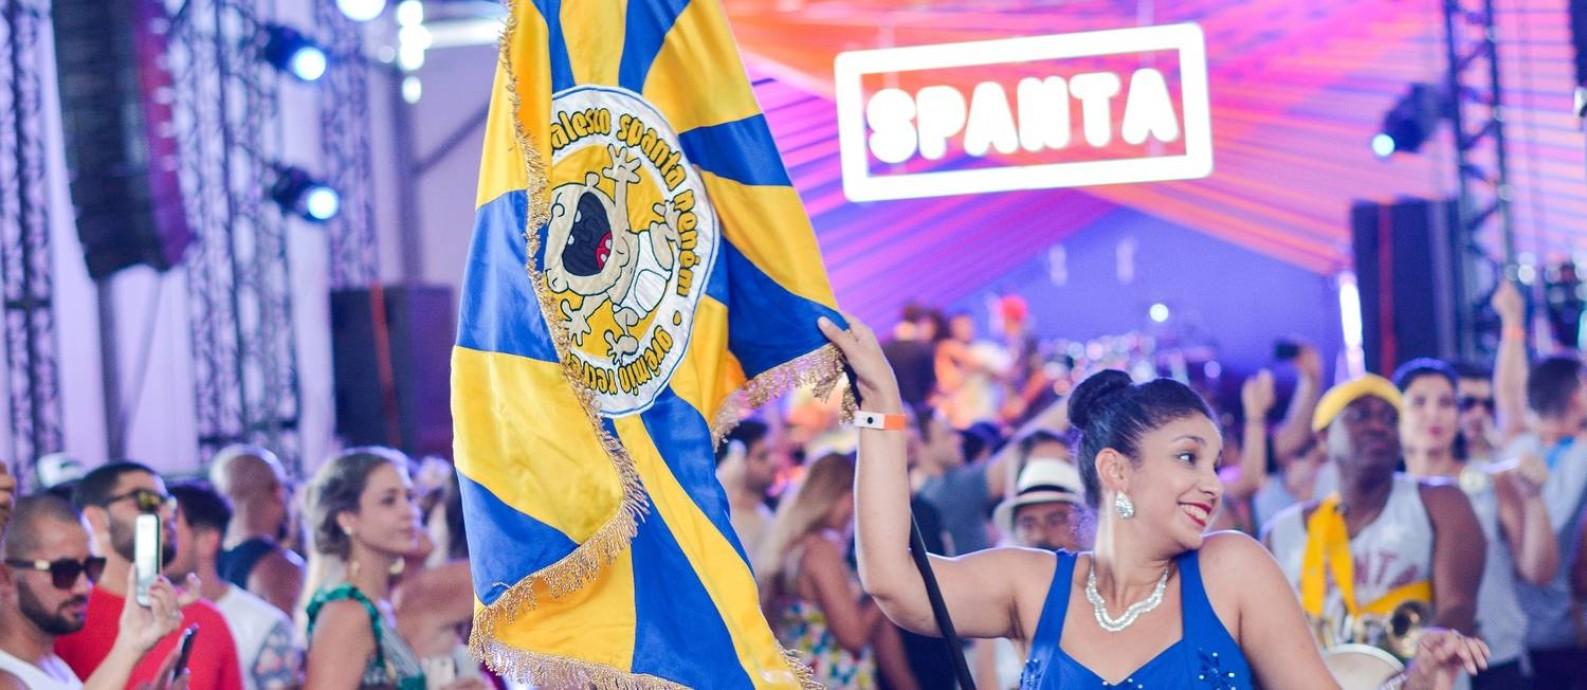 O Festival de Verão do Spanta Neném terá diversos convidados especiais na Lagoa Foto: Divulgação/Ivanildo Carmo